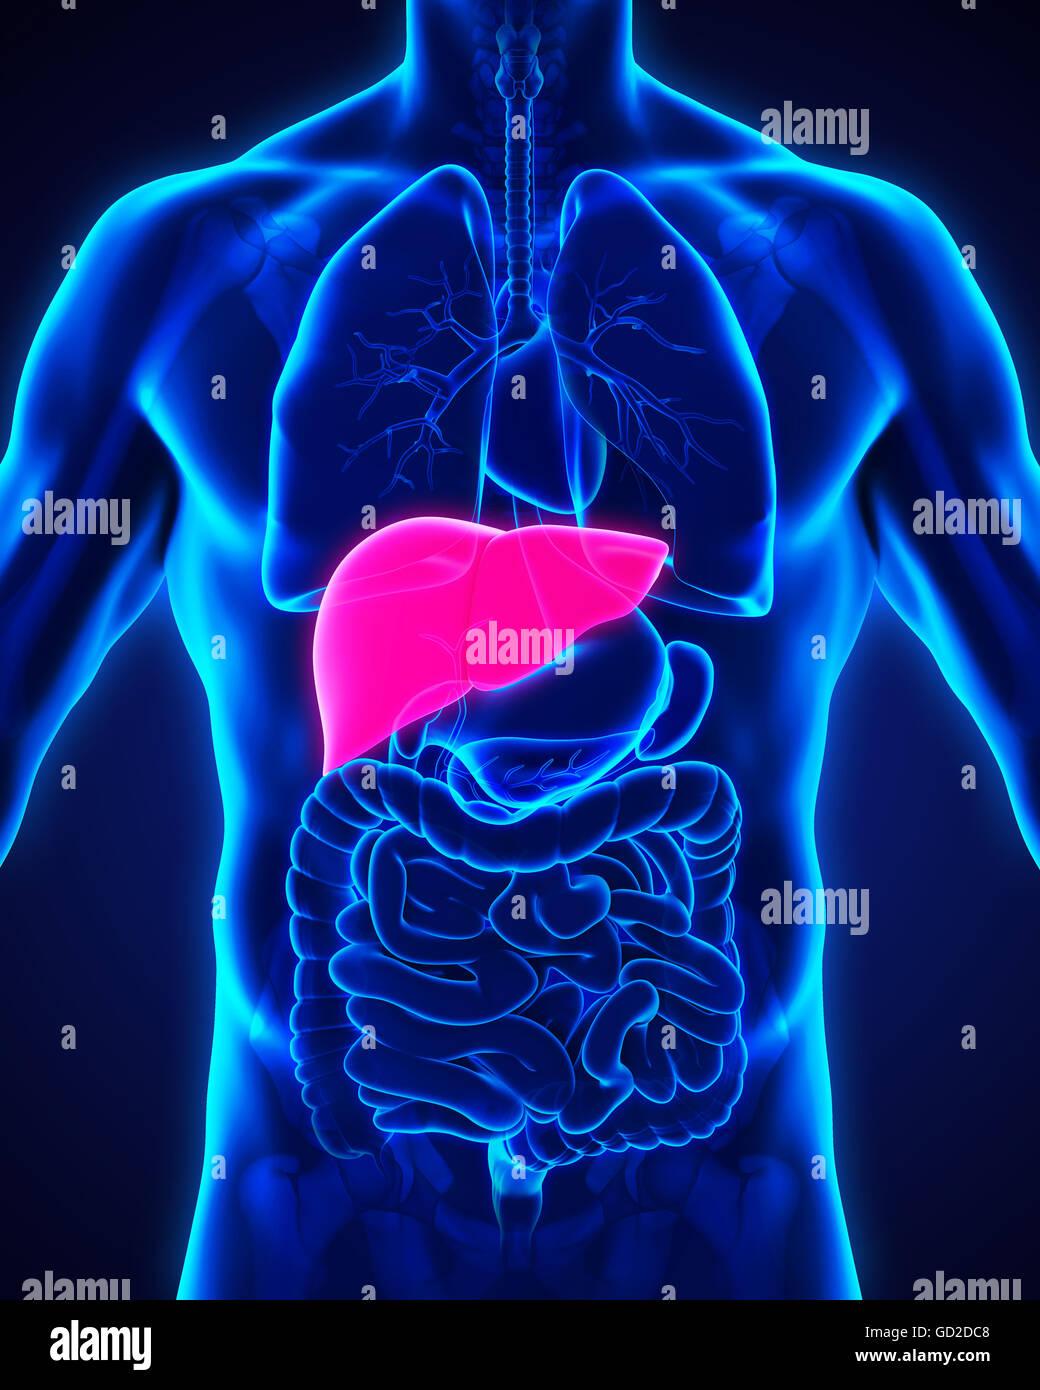 Anatomía del hígado humano Foto & Imagen De Stock: 111307176 - Alamy